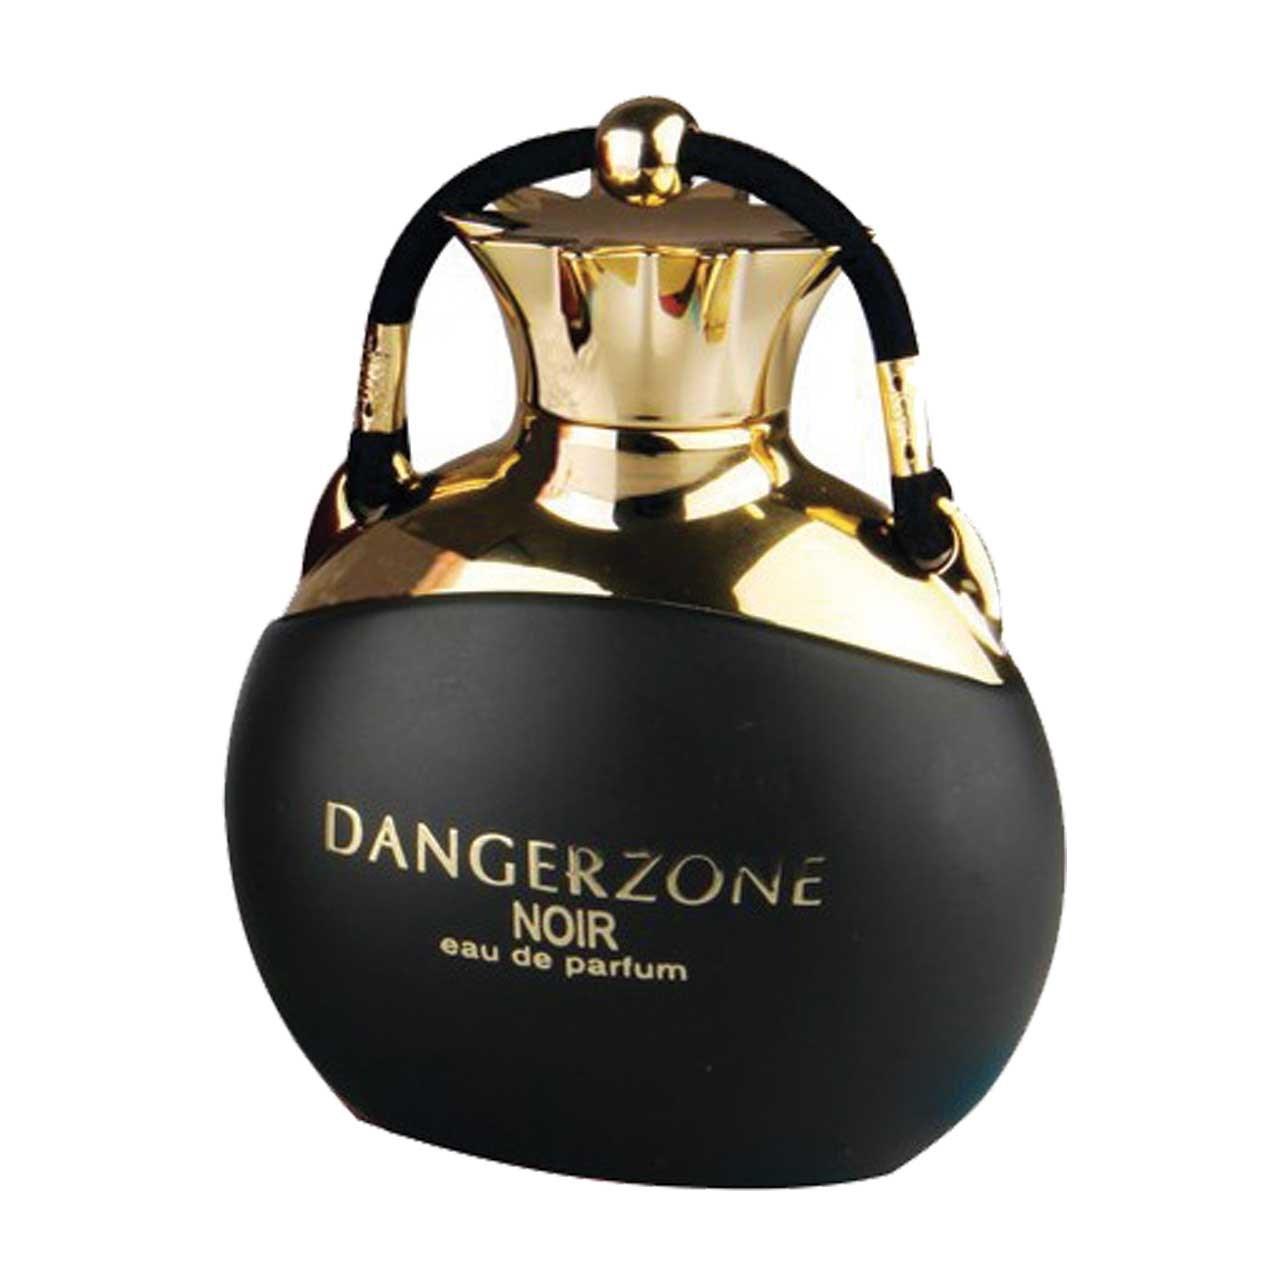 ادوپرفیوم زنانه لین یانگ مدل Danger Zone حجم 100 میلی لیتر